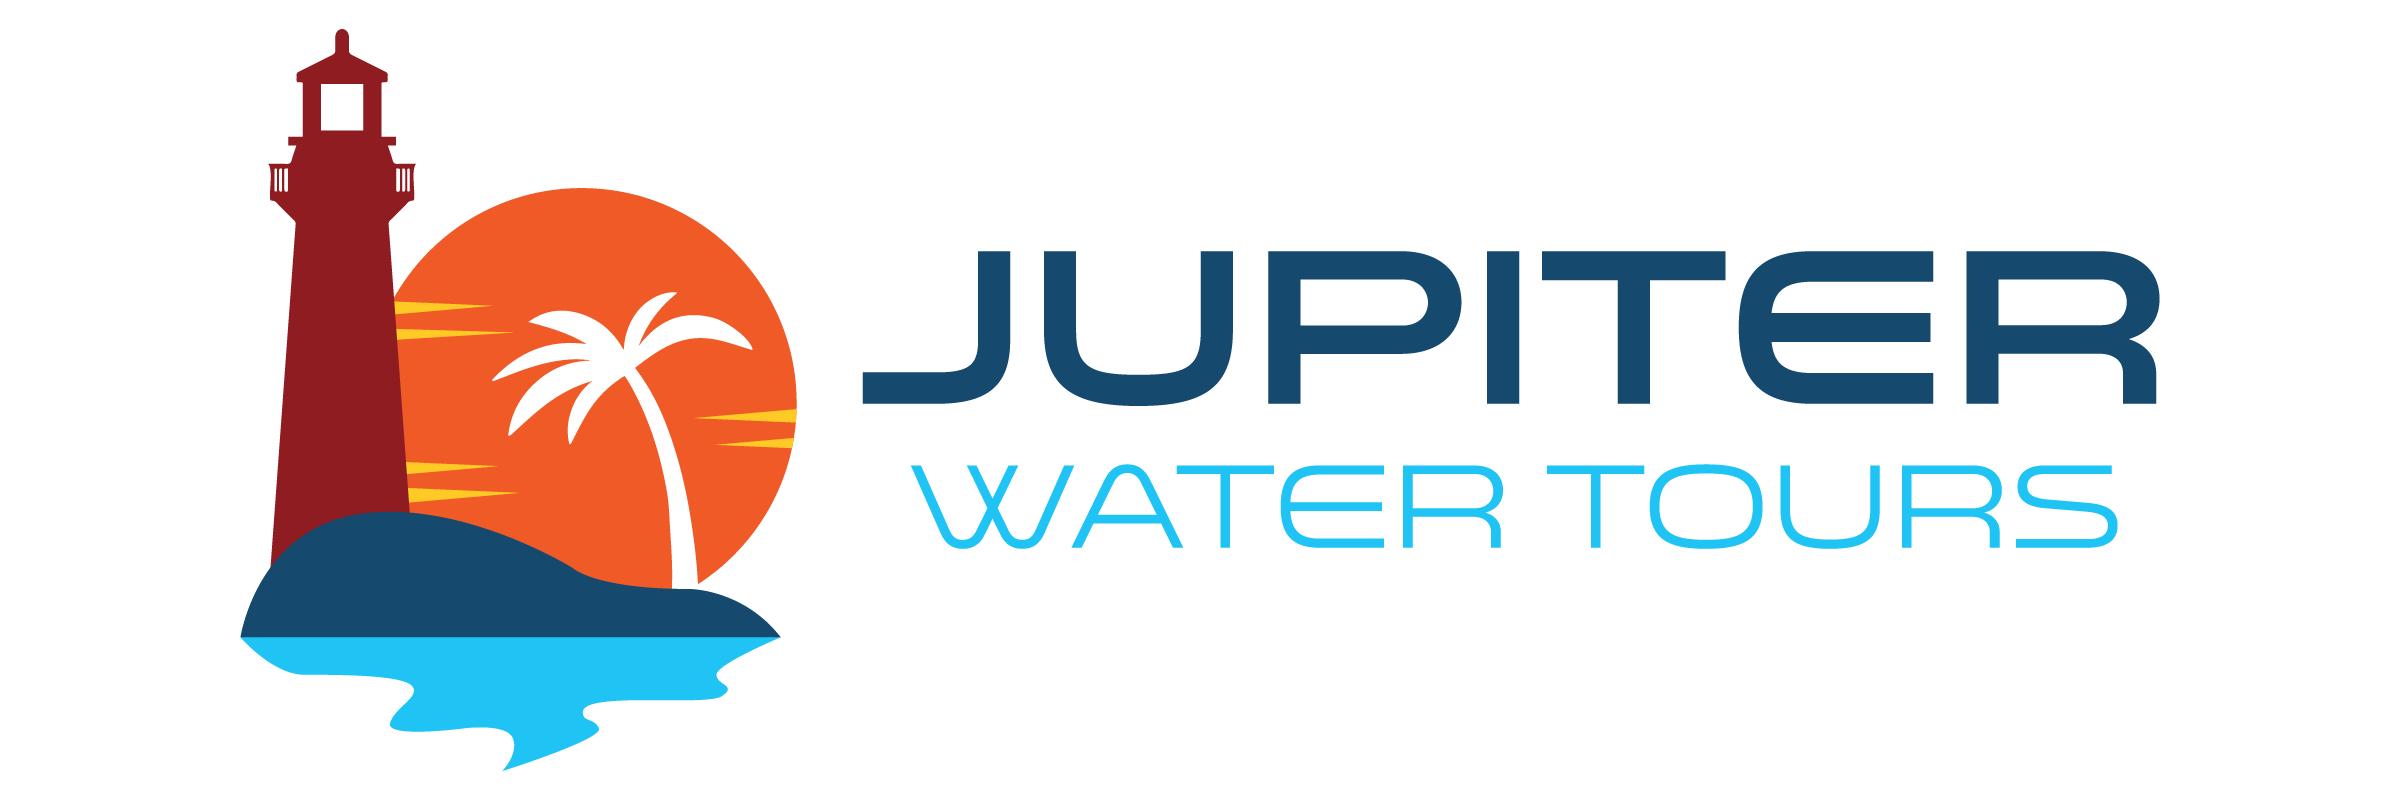 JupiterWaterTours-Branding-05.png